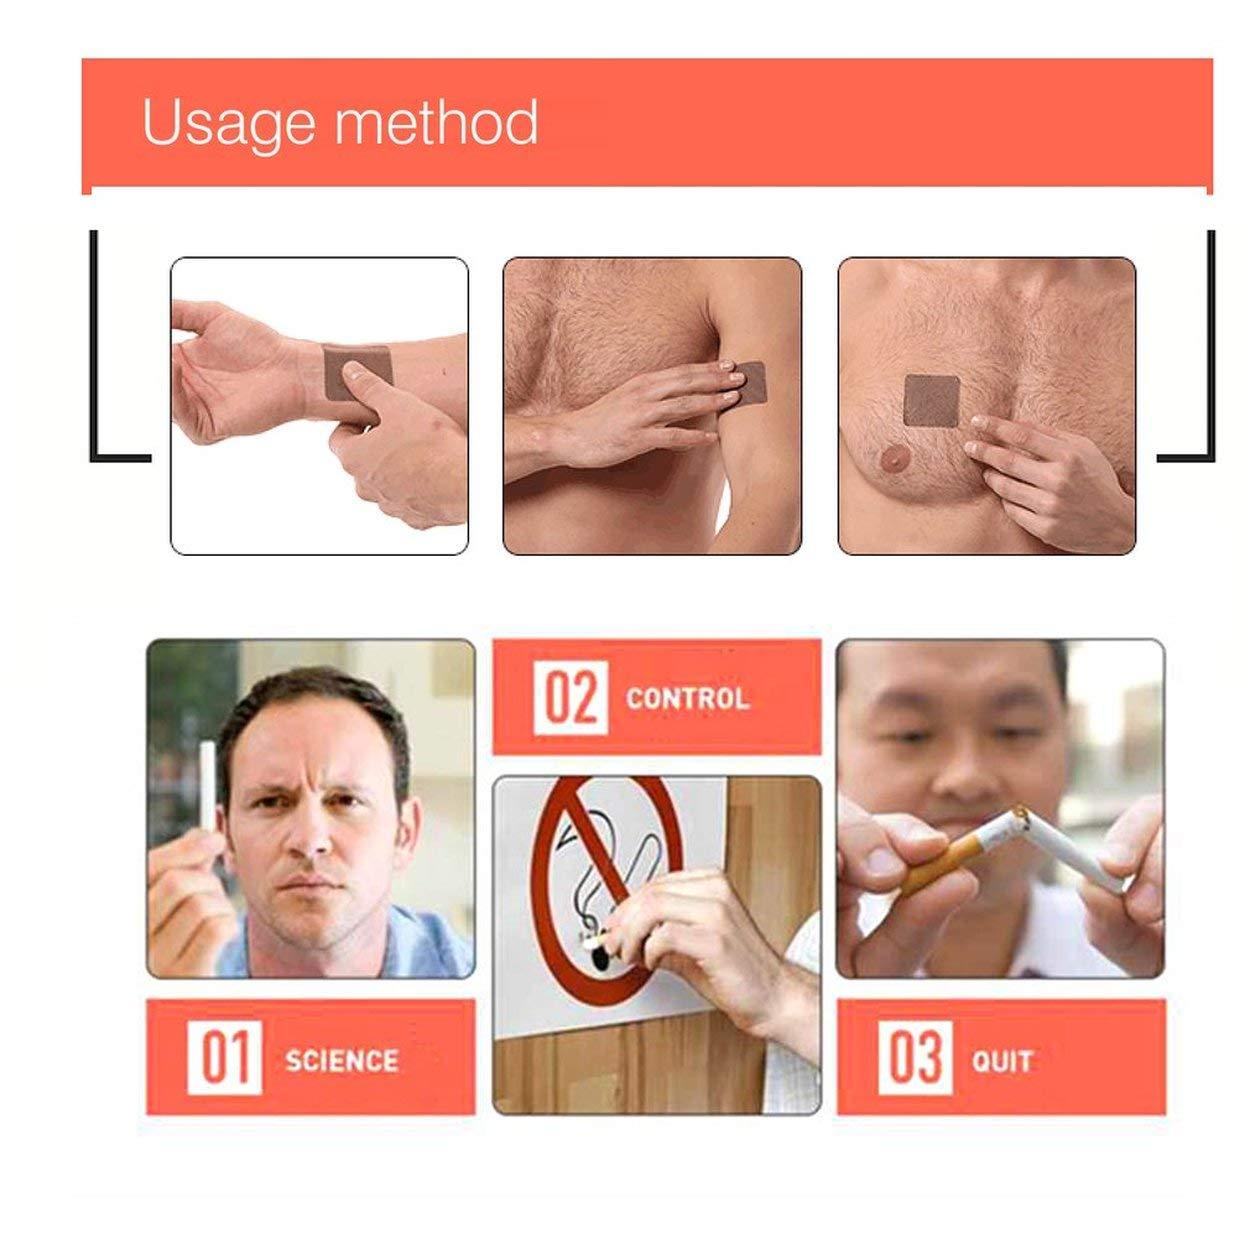 Lofenlli 5 PCS//SET Ingr/édient Naturel Non-Toxique Arr/êter De Fumer Patch Correctement Sain Efficace Arr/êter De Fumer Arr/êter De Fumer Cessation Patch Autocollant